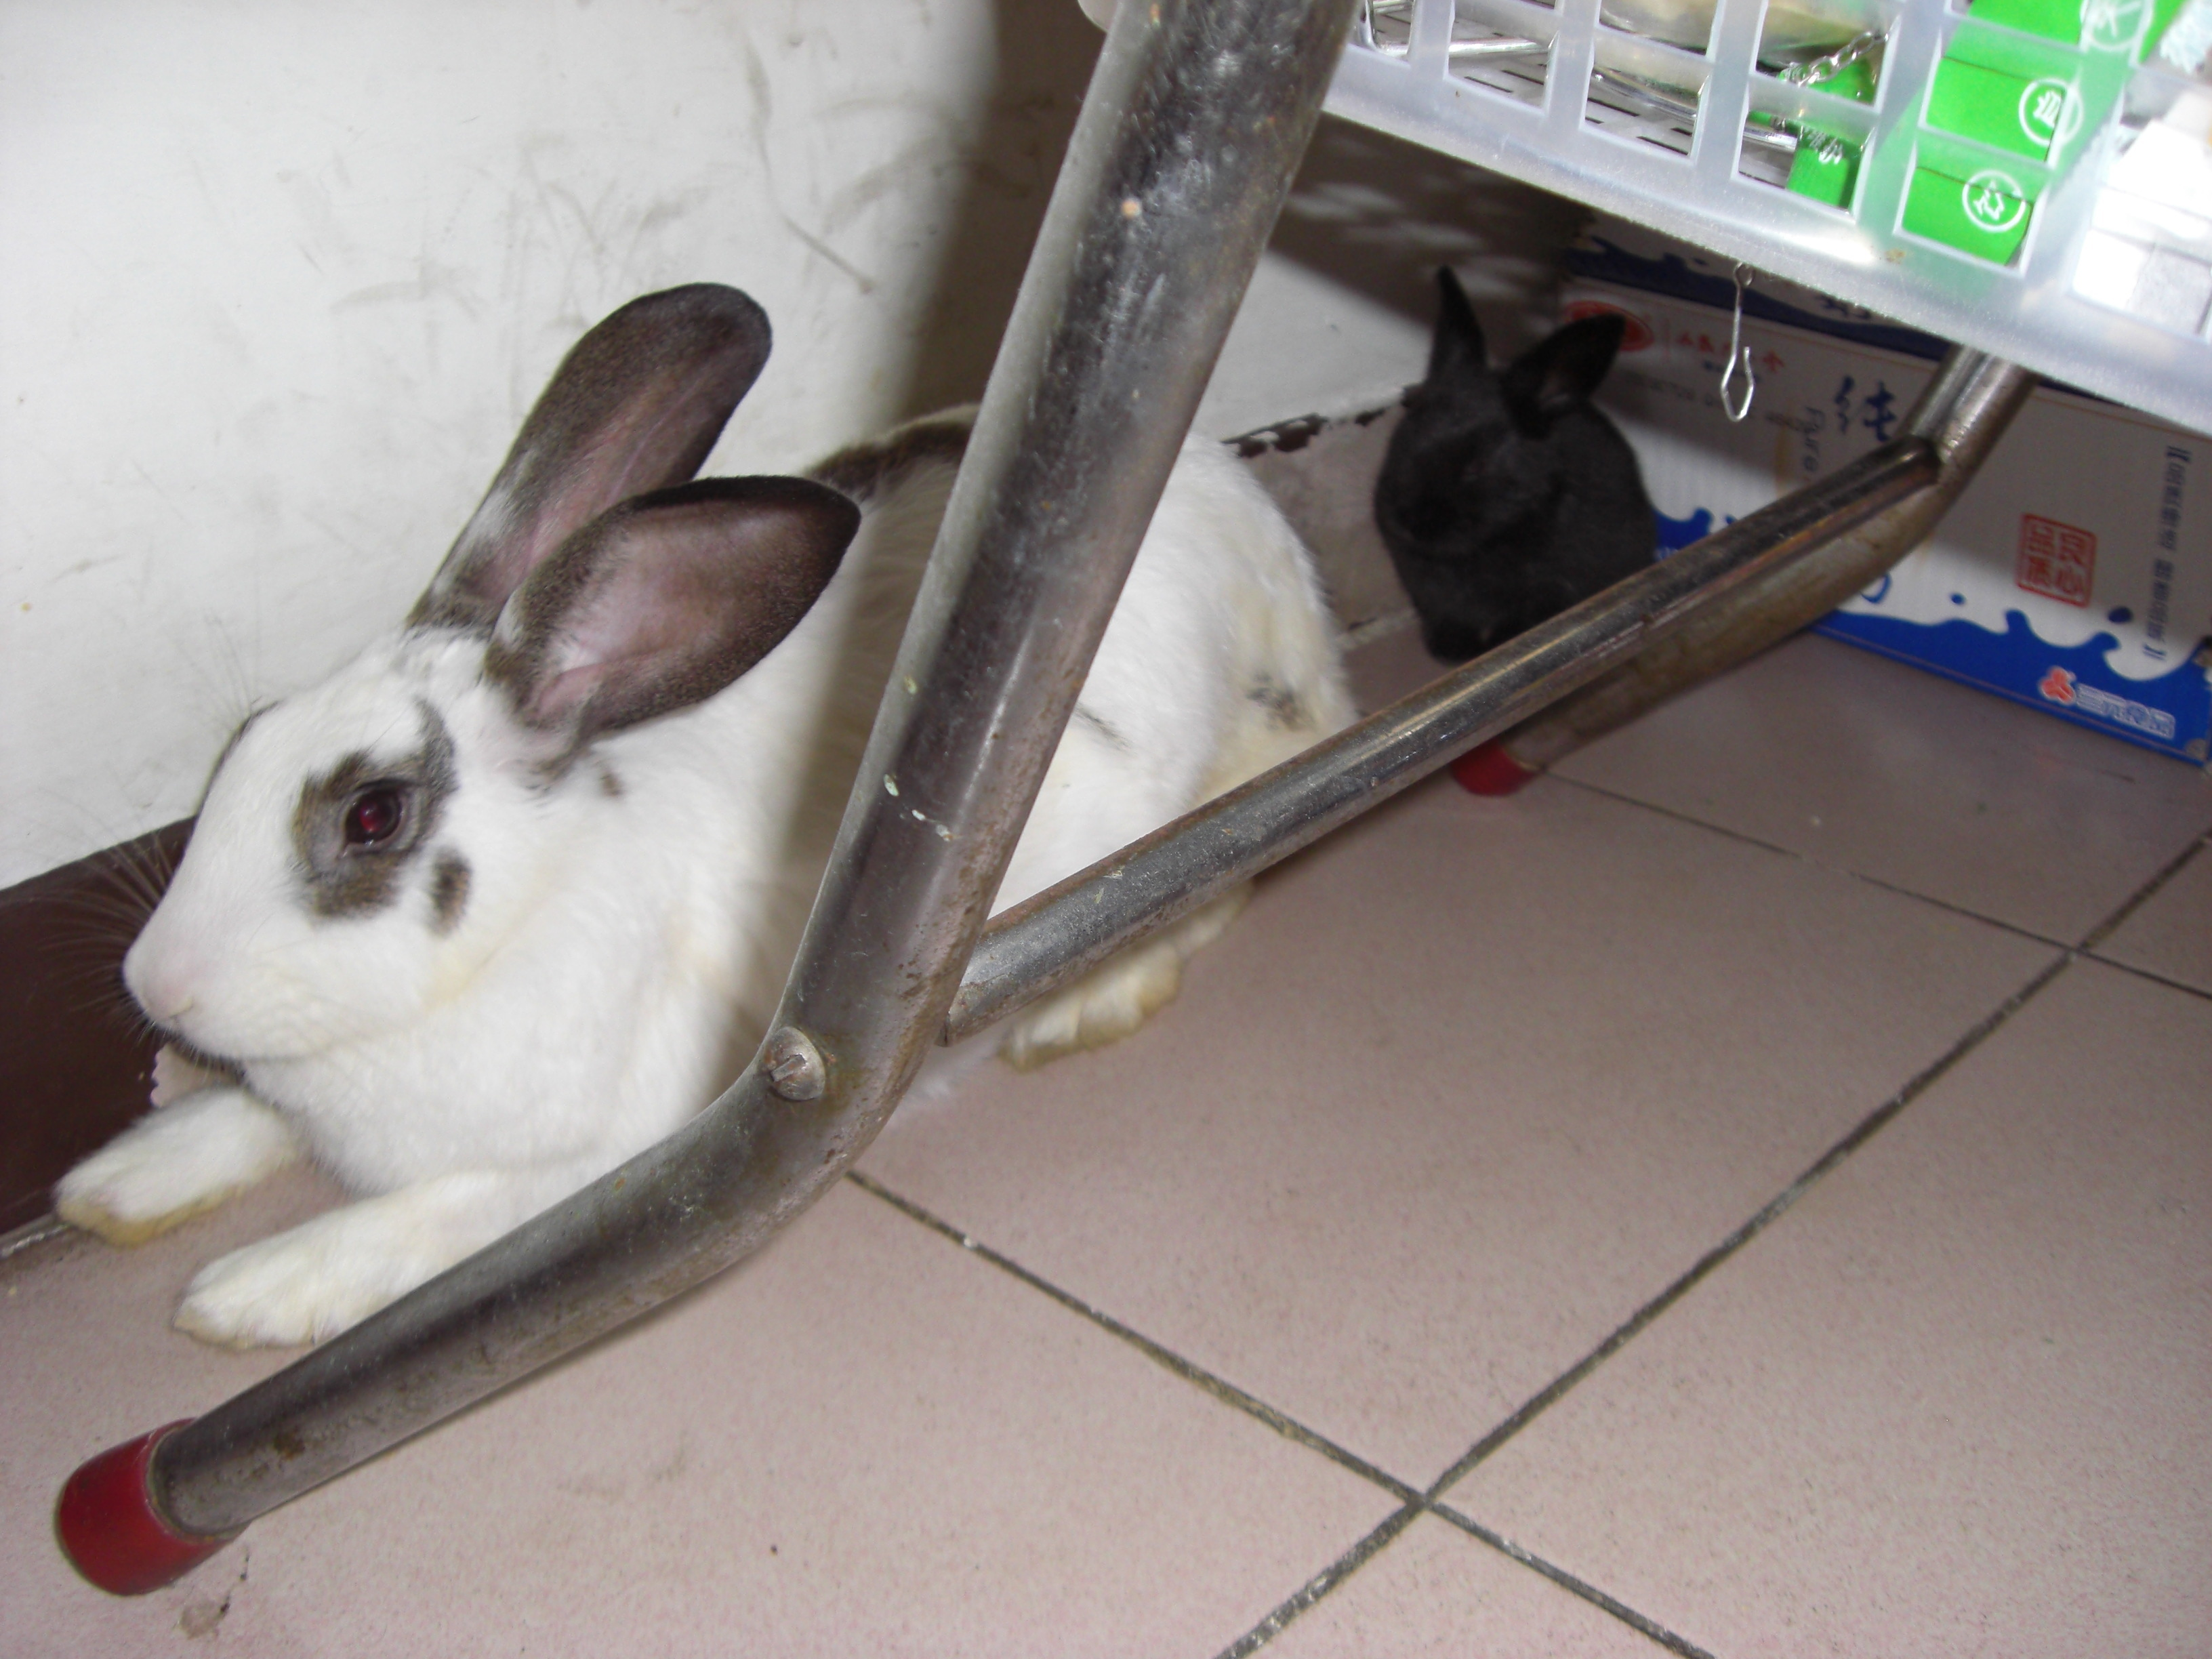 兔子/为了挽回包子的形象,再发几张他们下一代的Q图加点分吧: